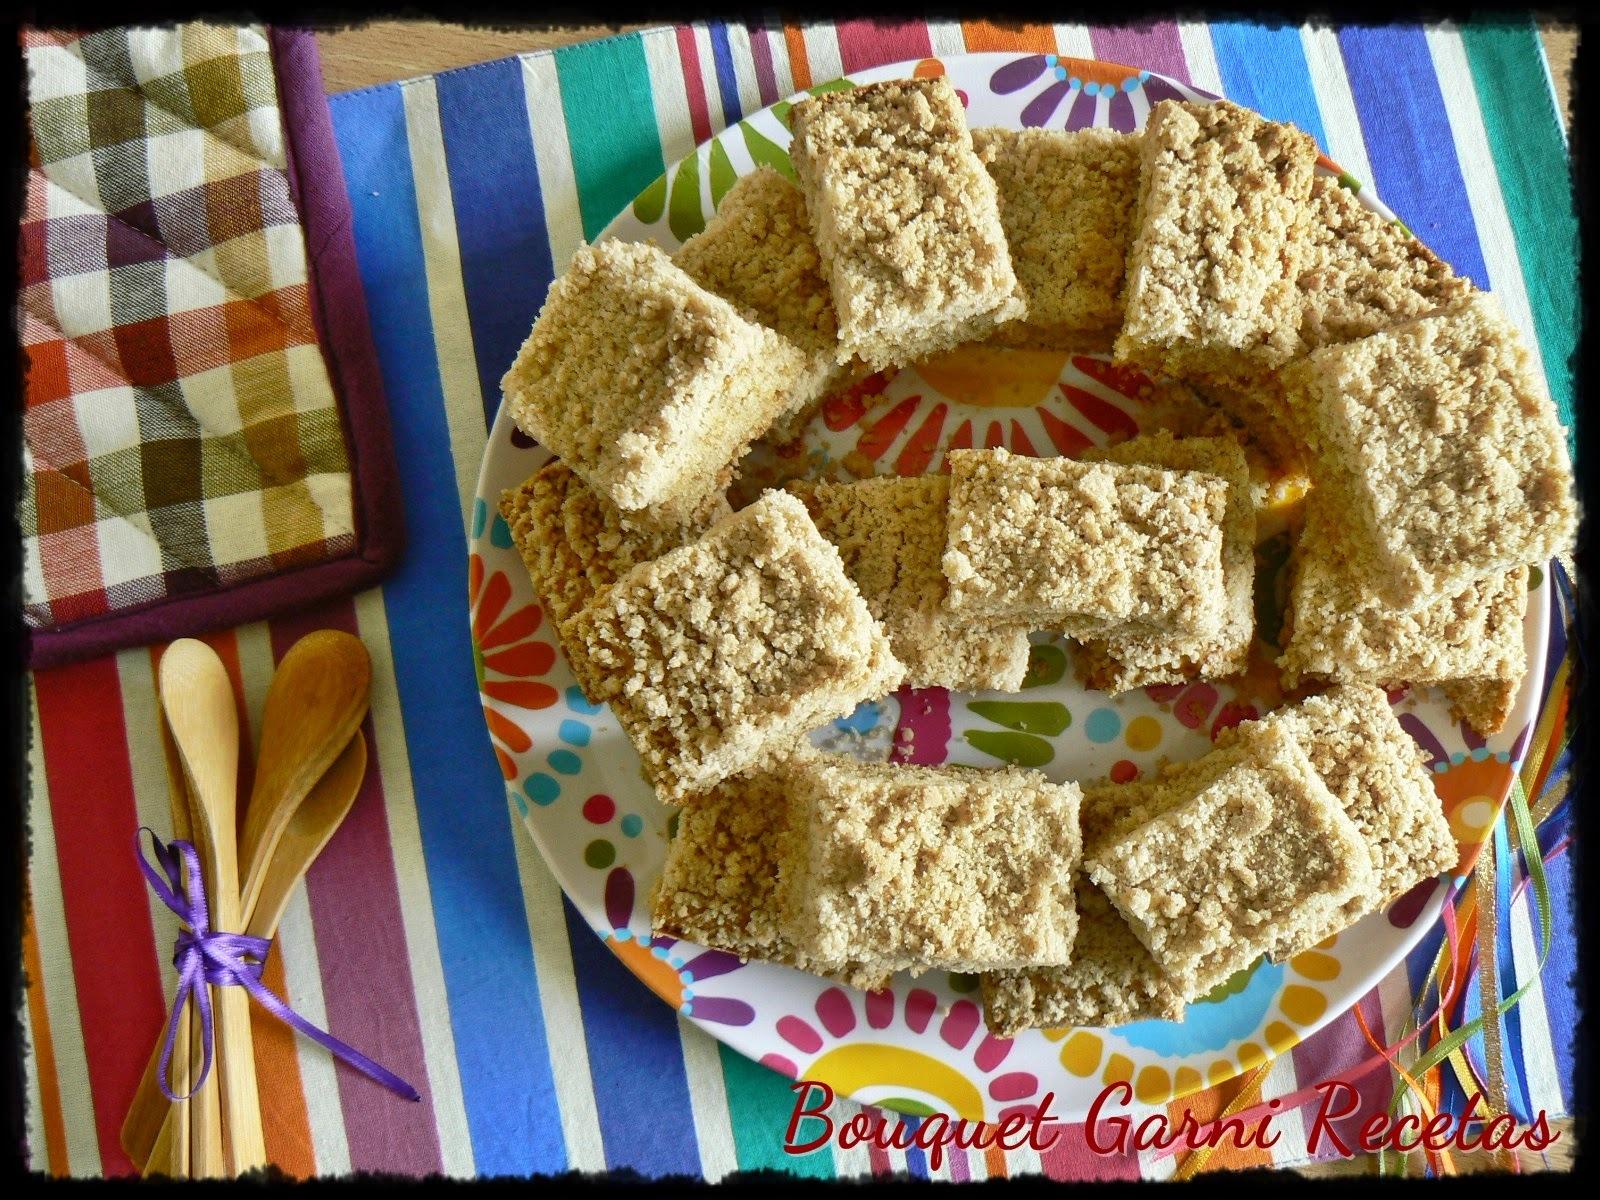 de muffins con torta exquisita